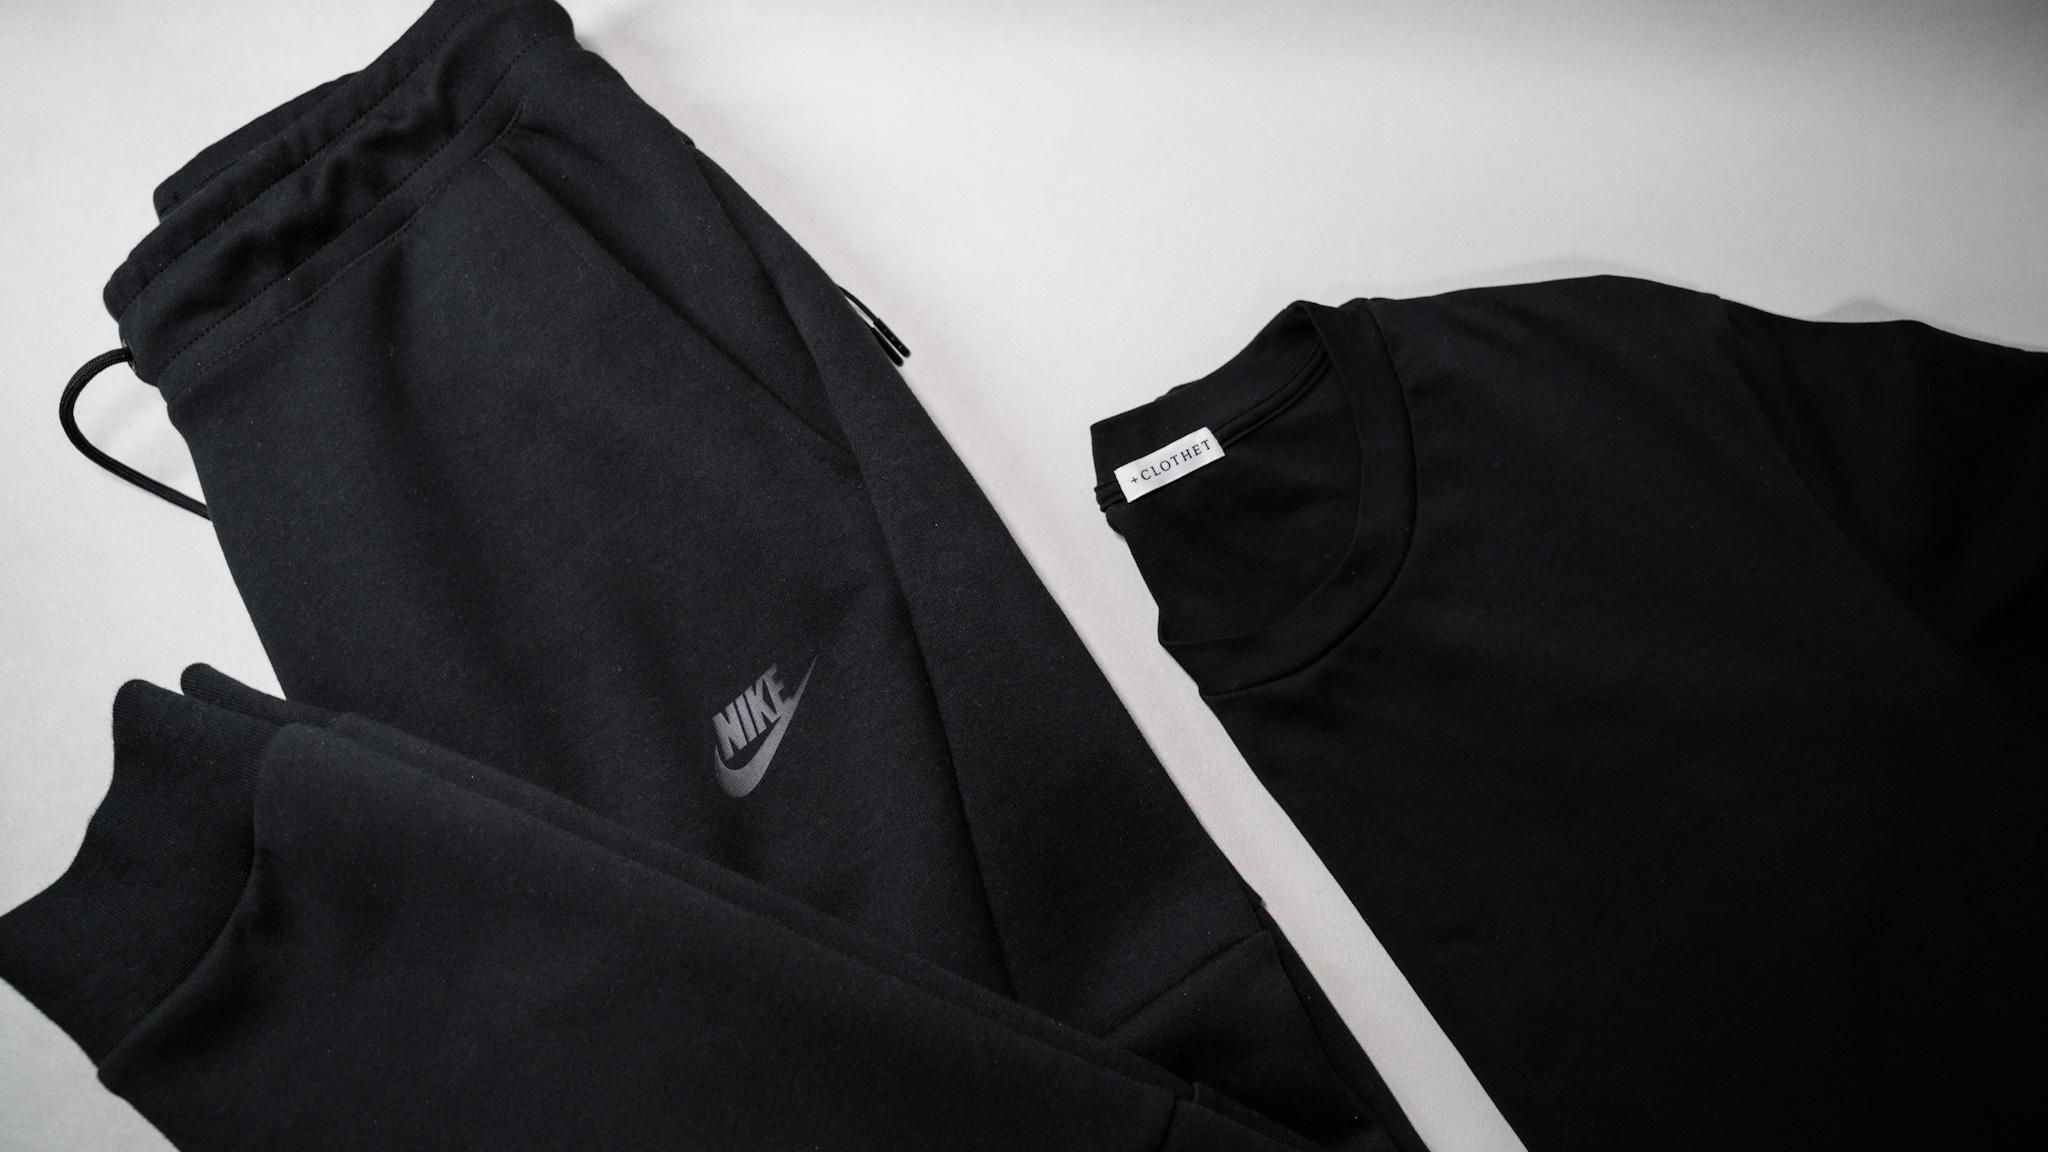 【レビュー】NIKE(ナイキ) テックフリース ジョガーパンツ クロスクローゼットのTシャツと